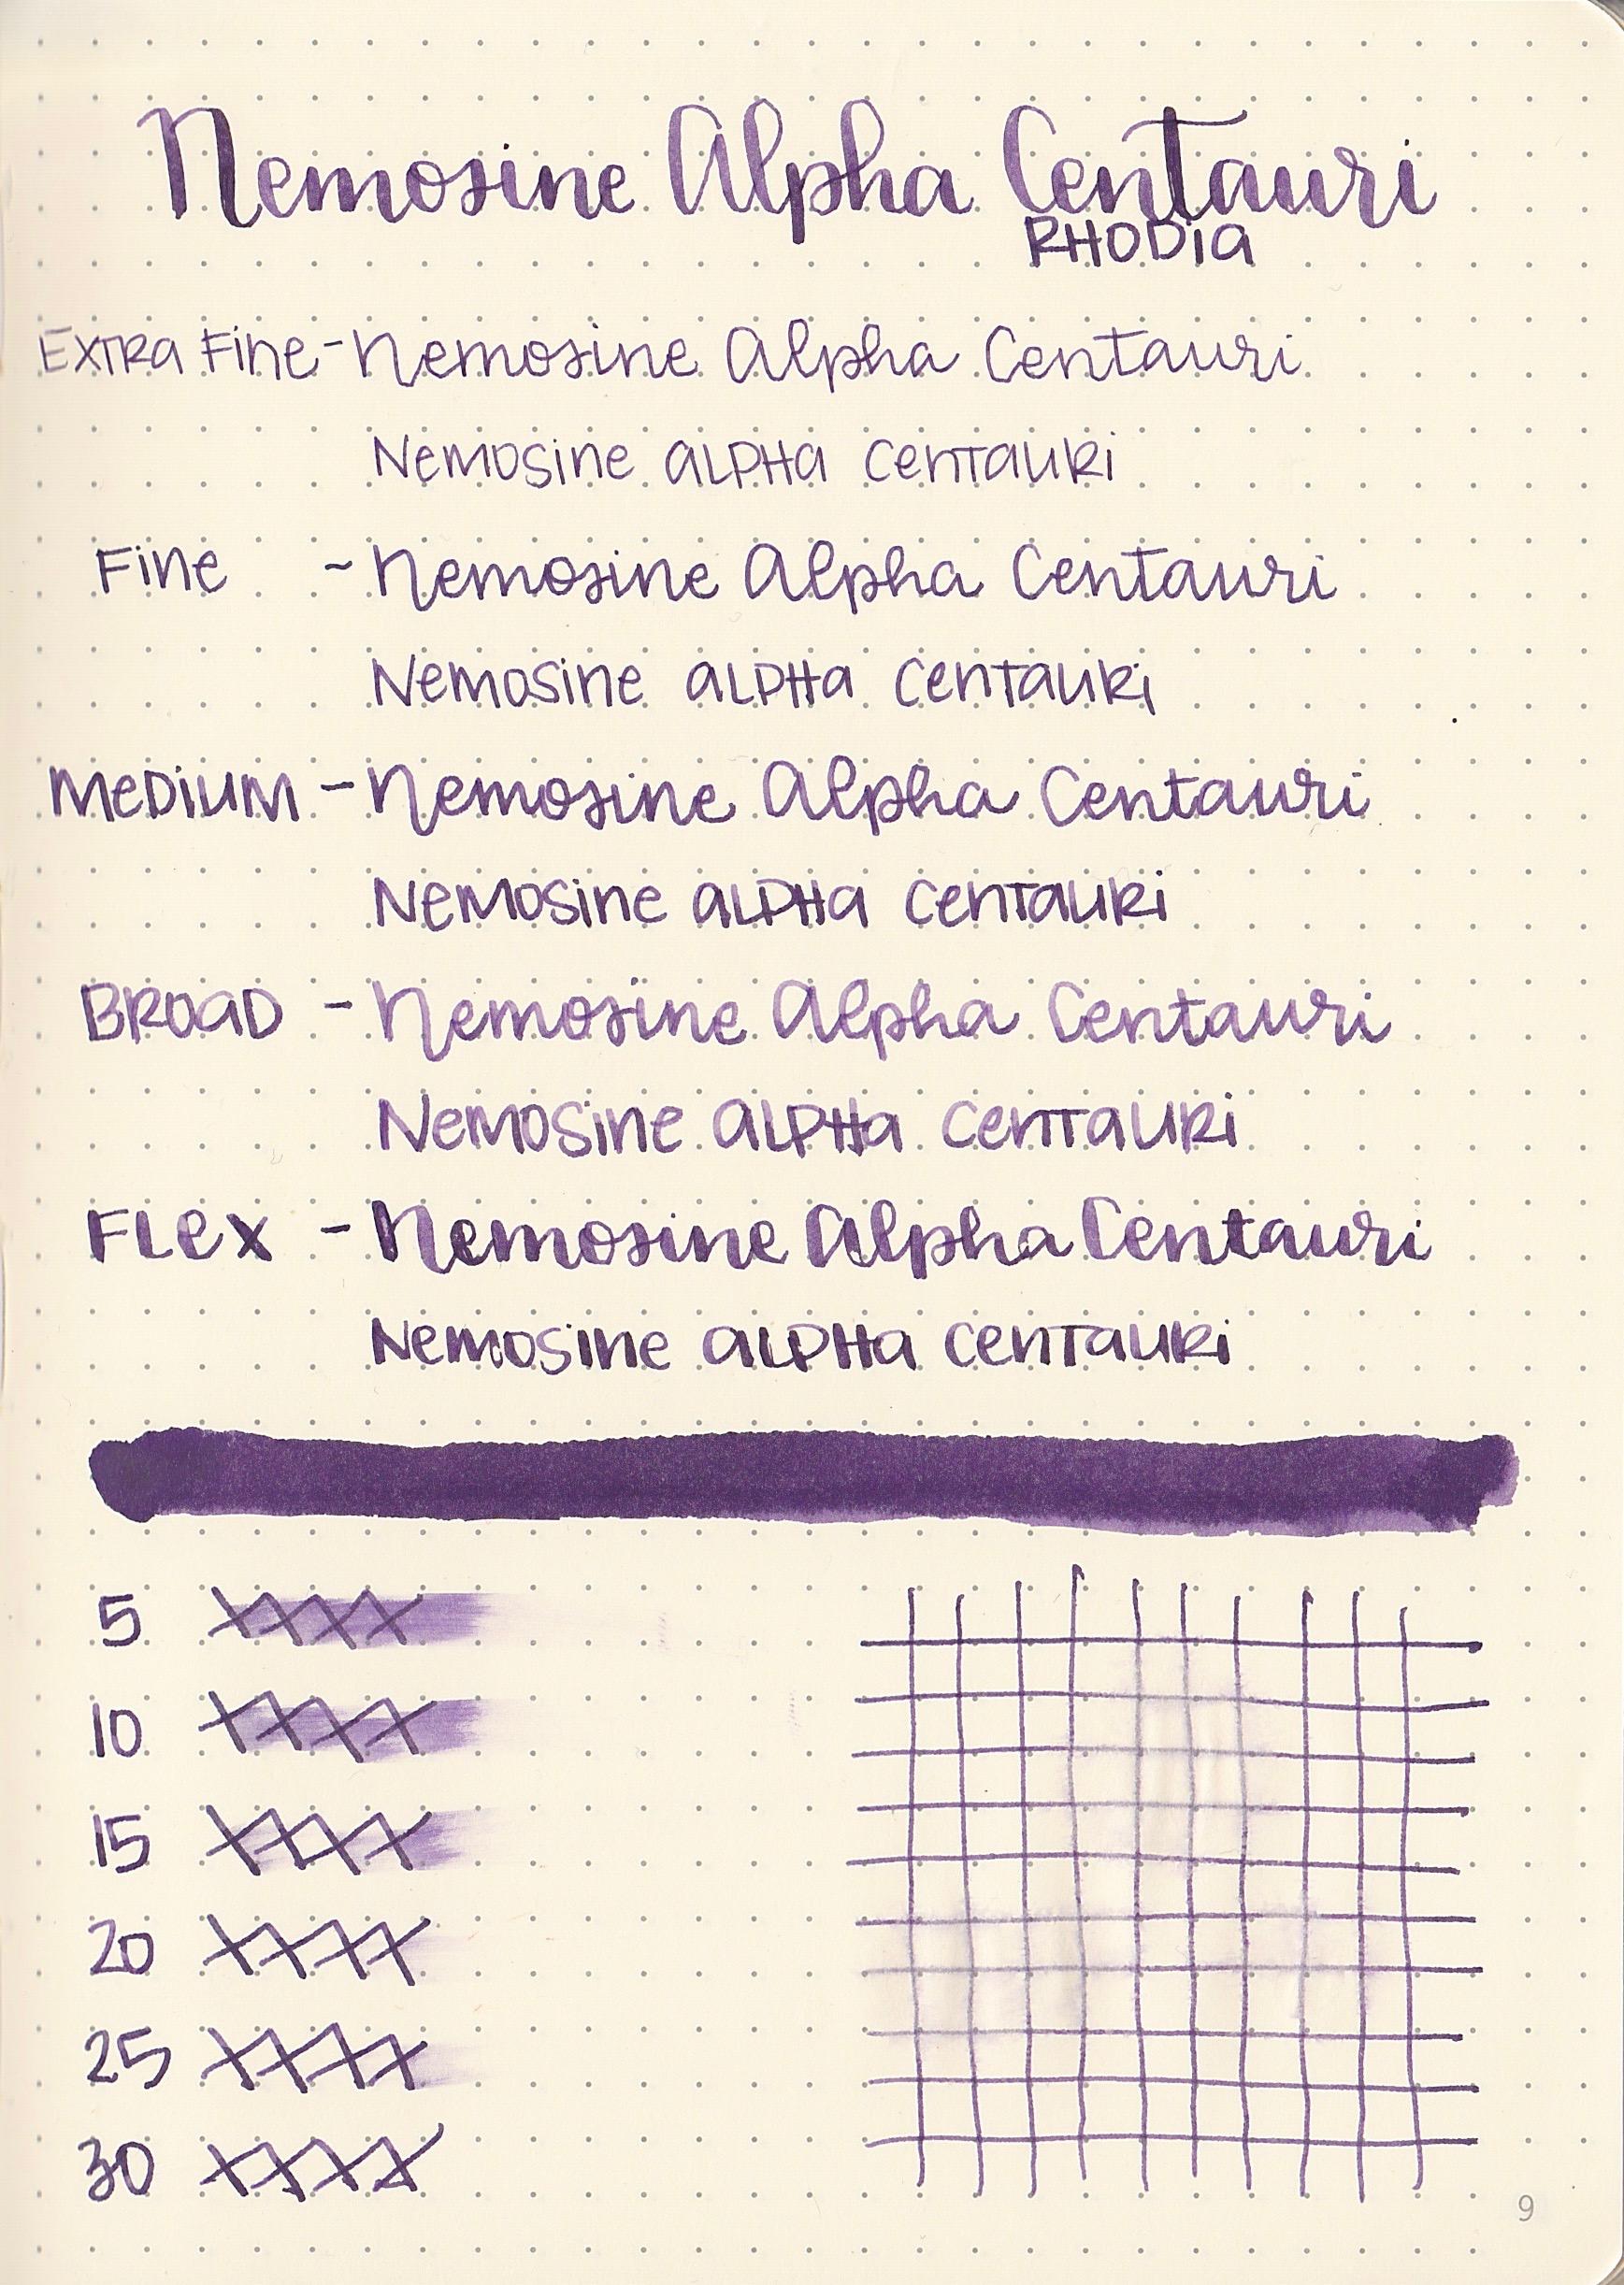 NemoAlphaCentauri - 10.jpg